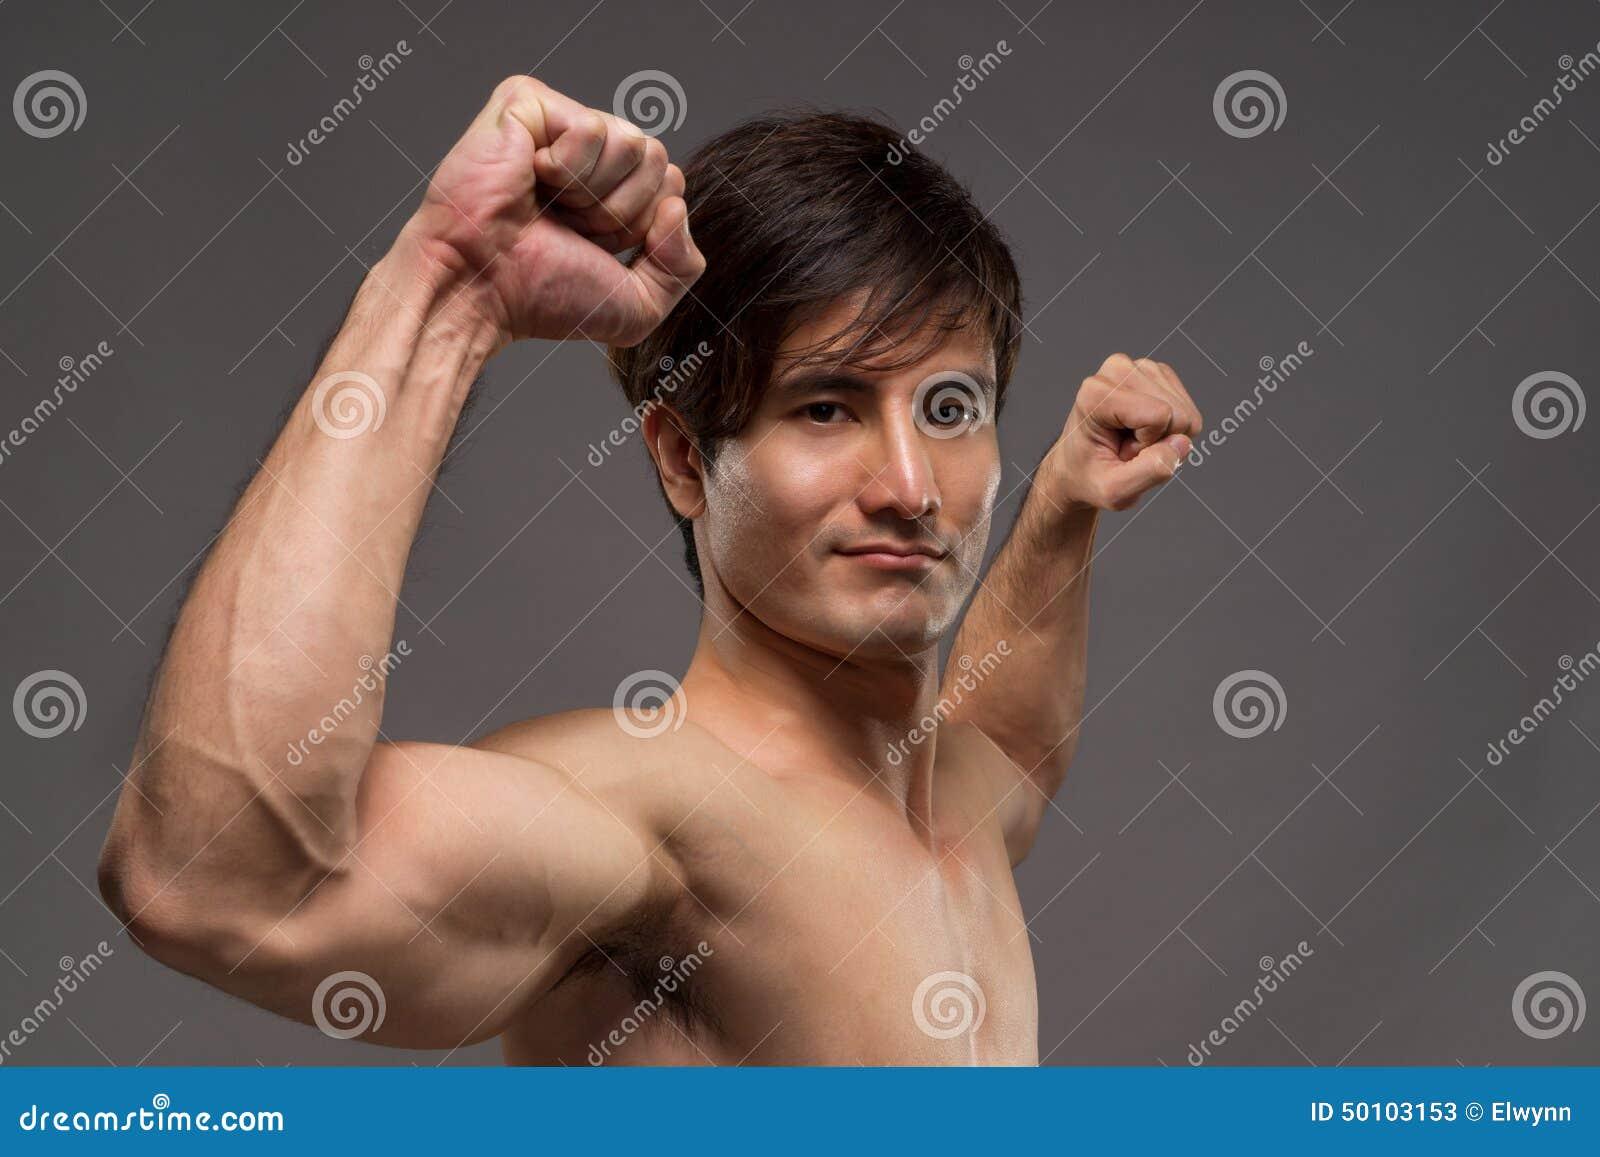 power Asian man